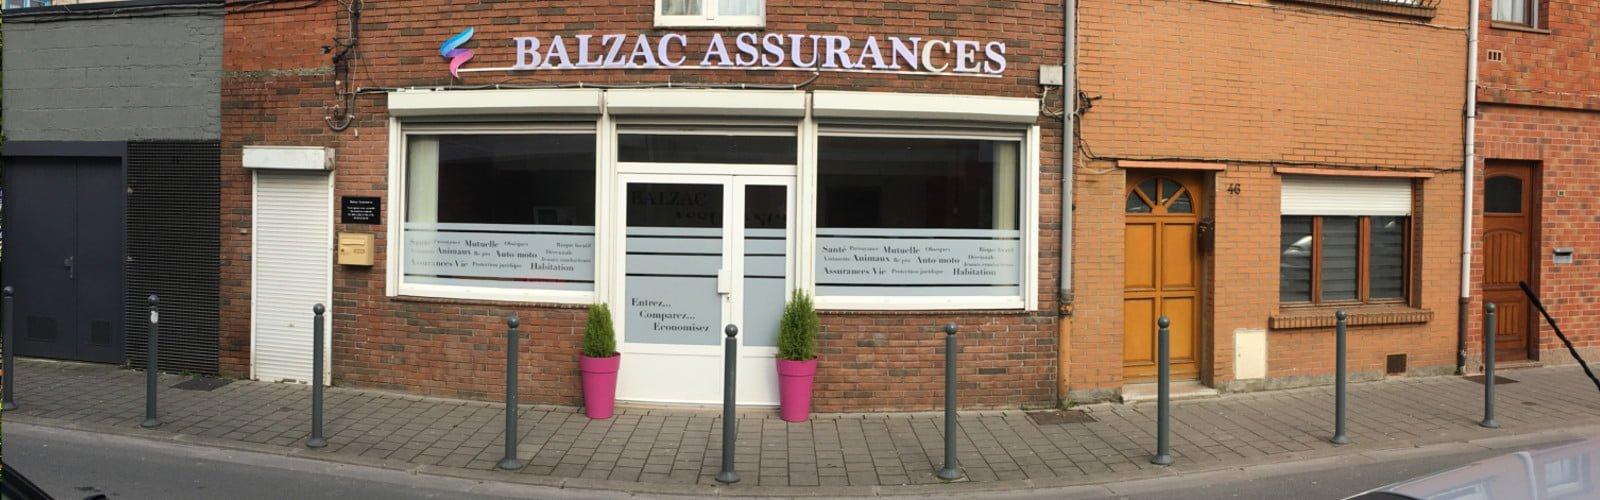 Site assurance : que peut-on trouver sur les sites internet des assurances ?